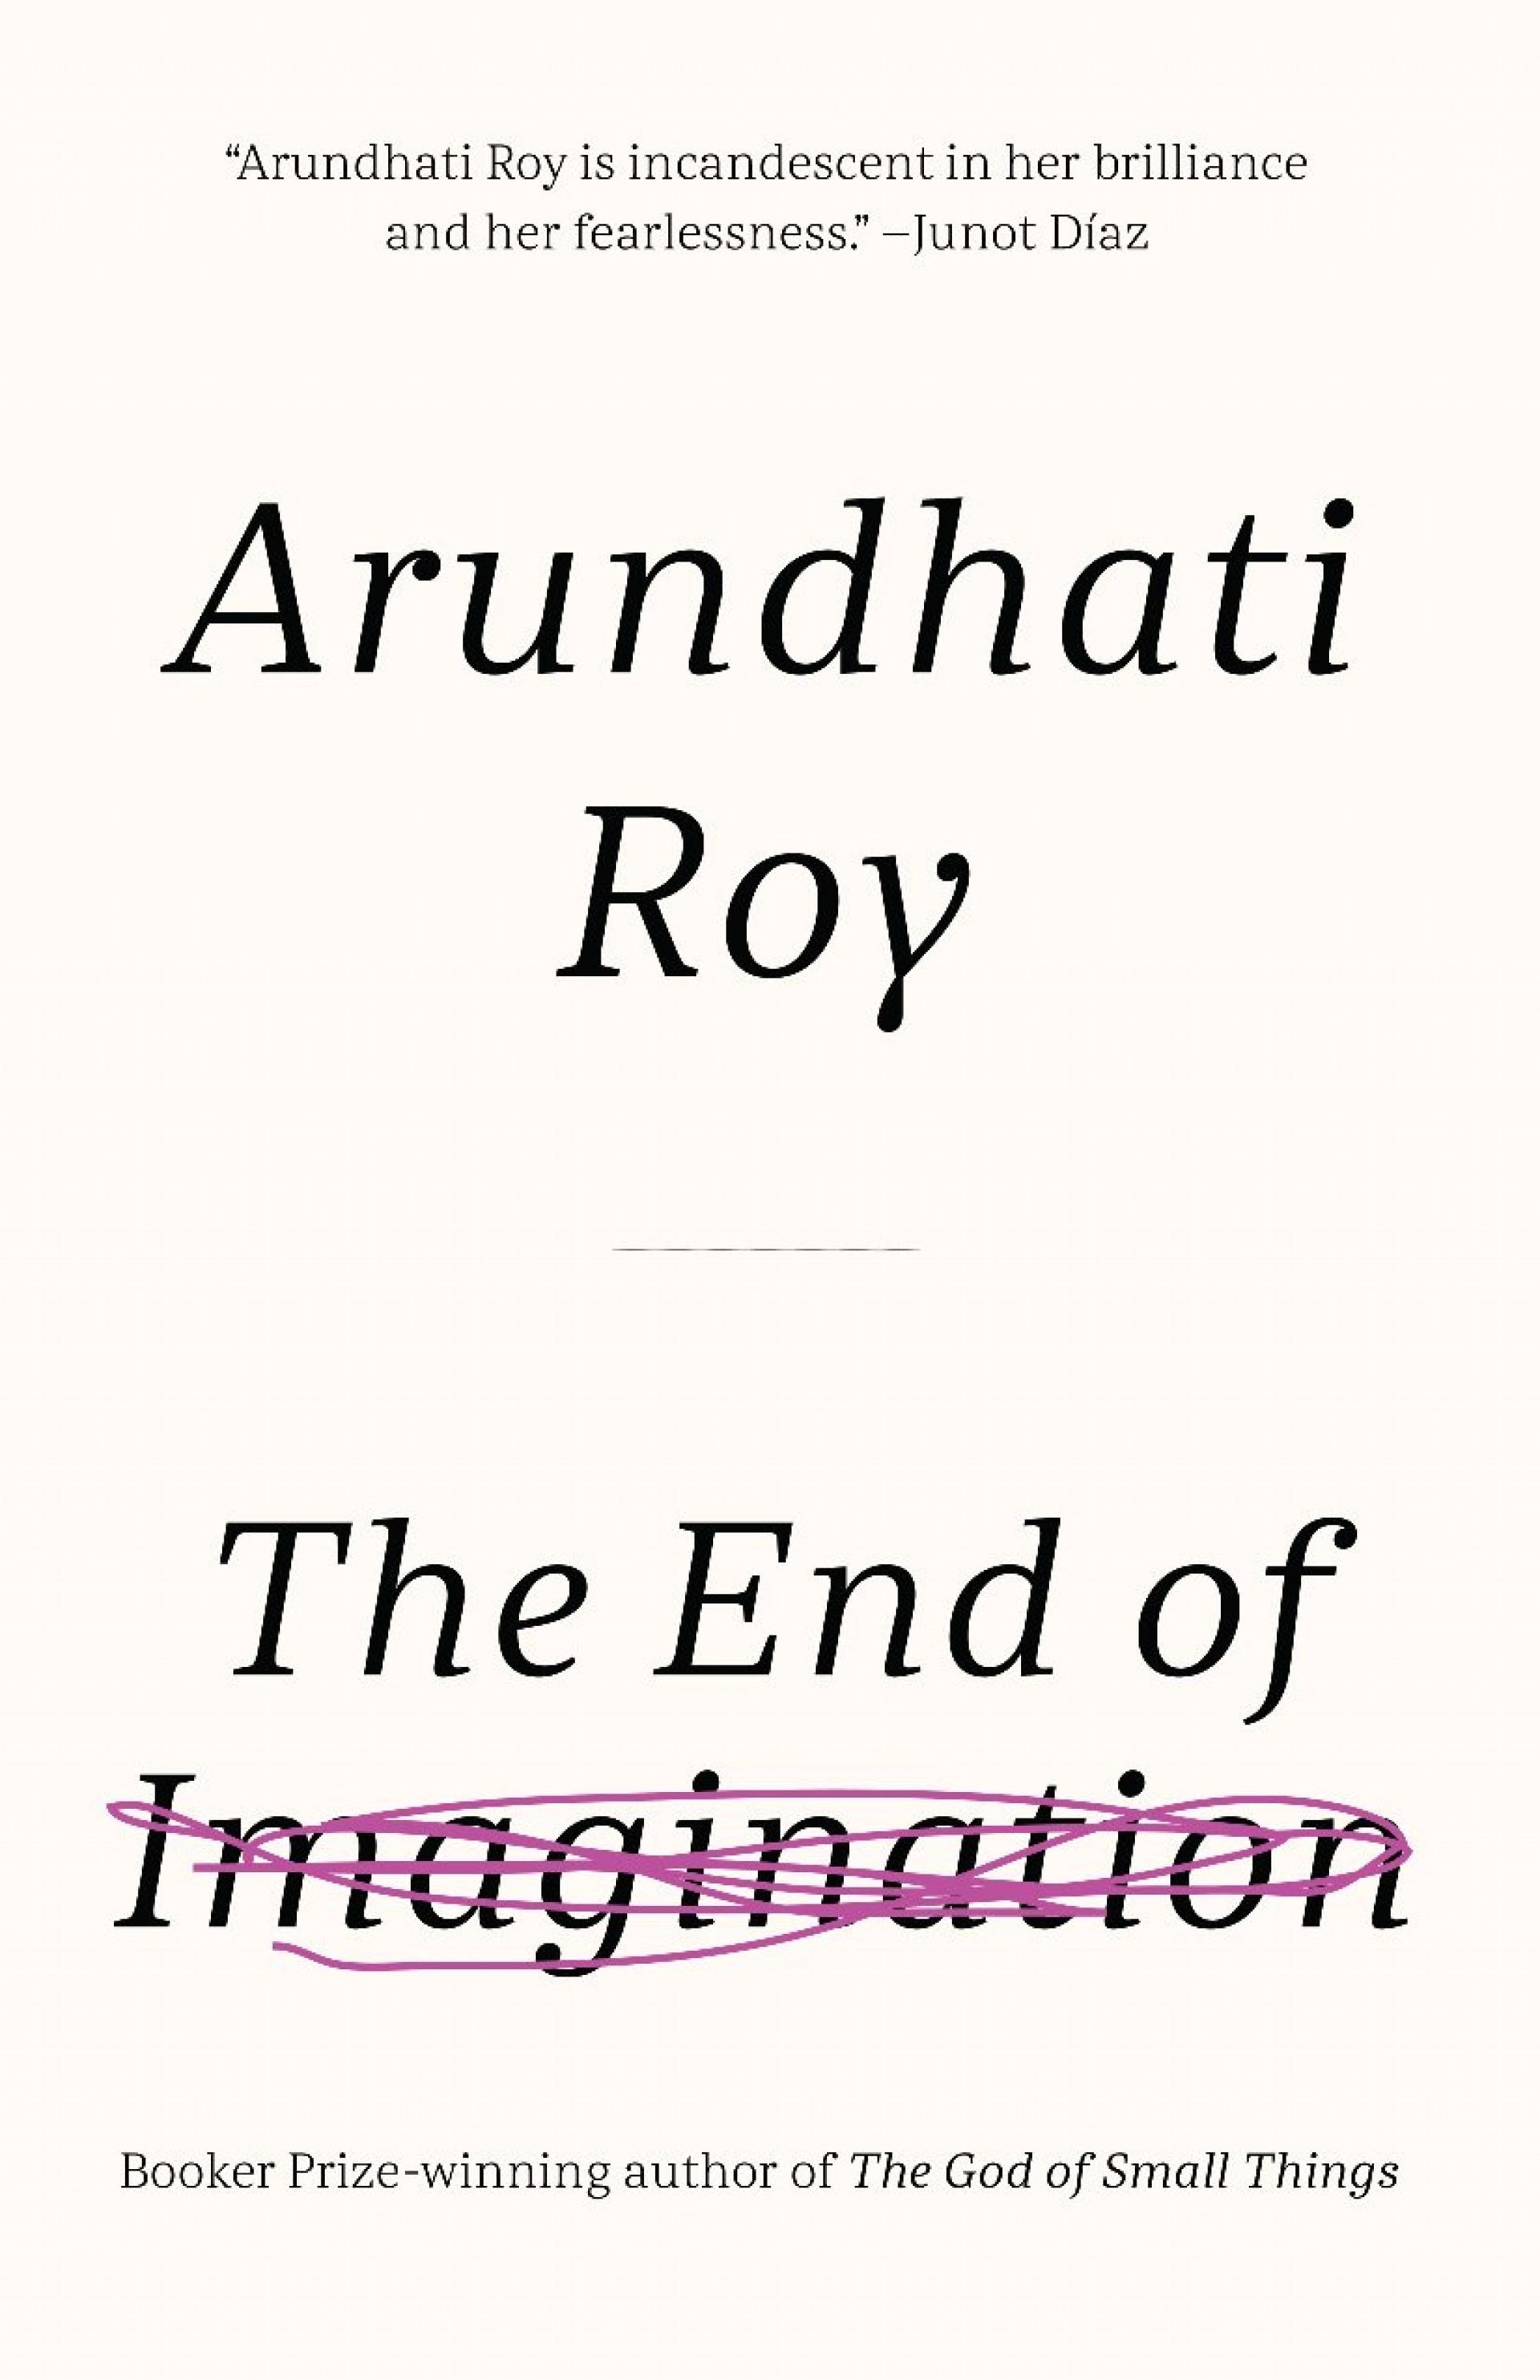 019 61k9qnrua2l Essays By Arundhati Roy Essay Sensational 1920